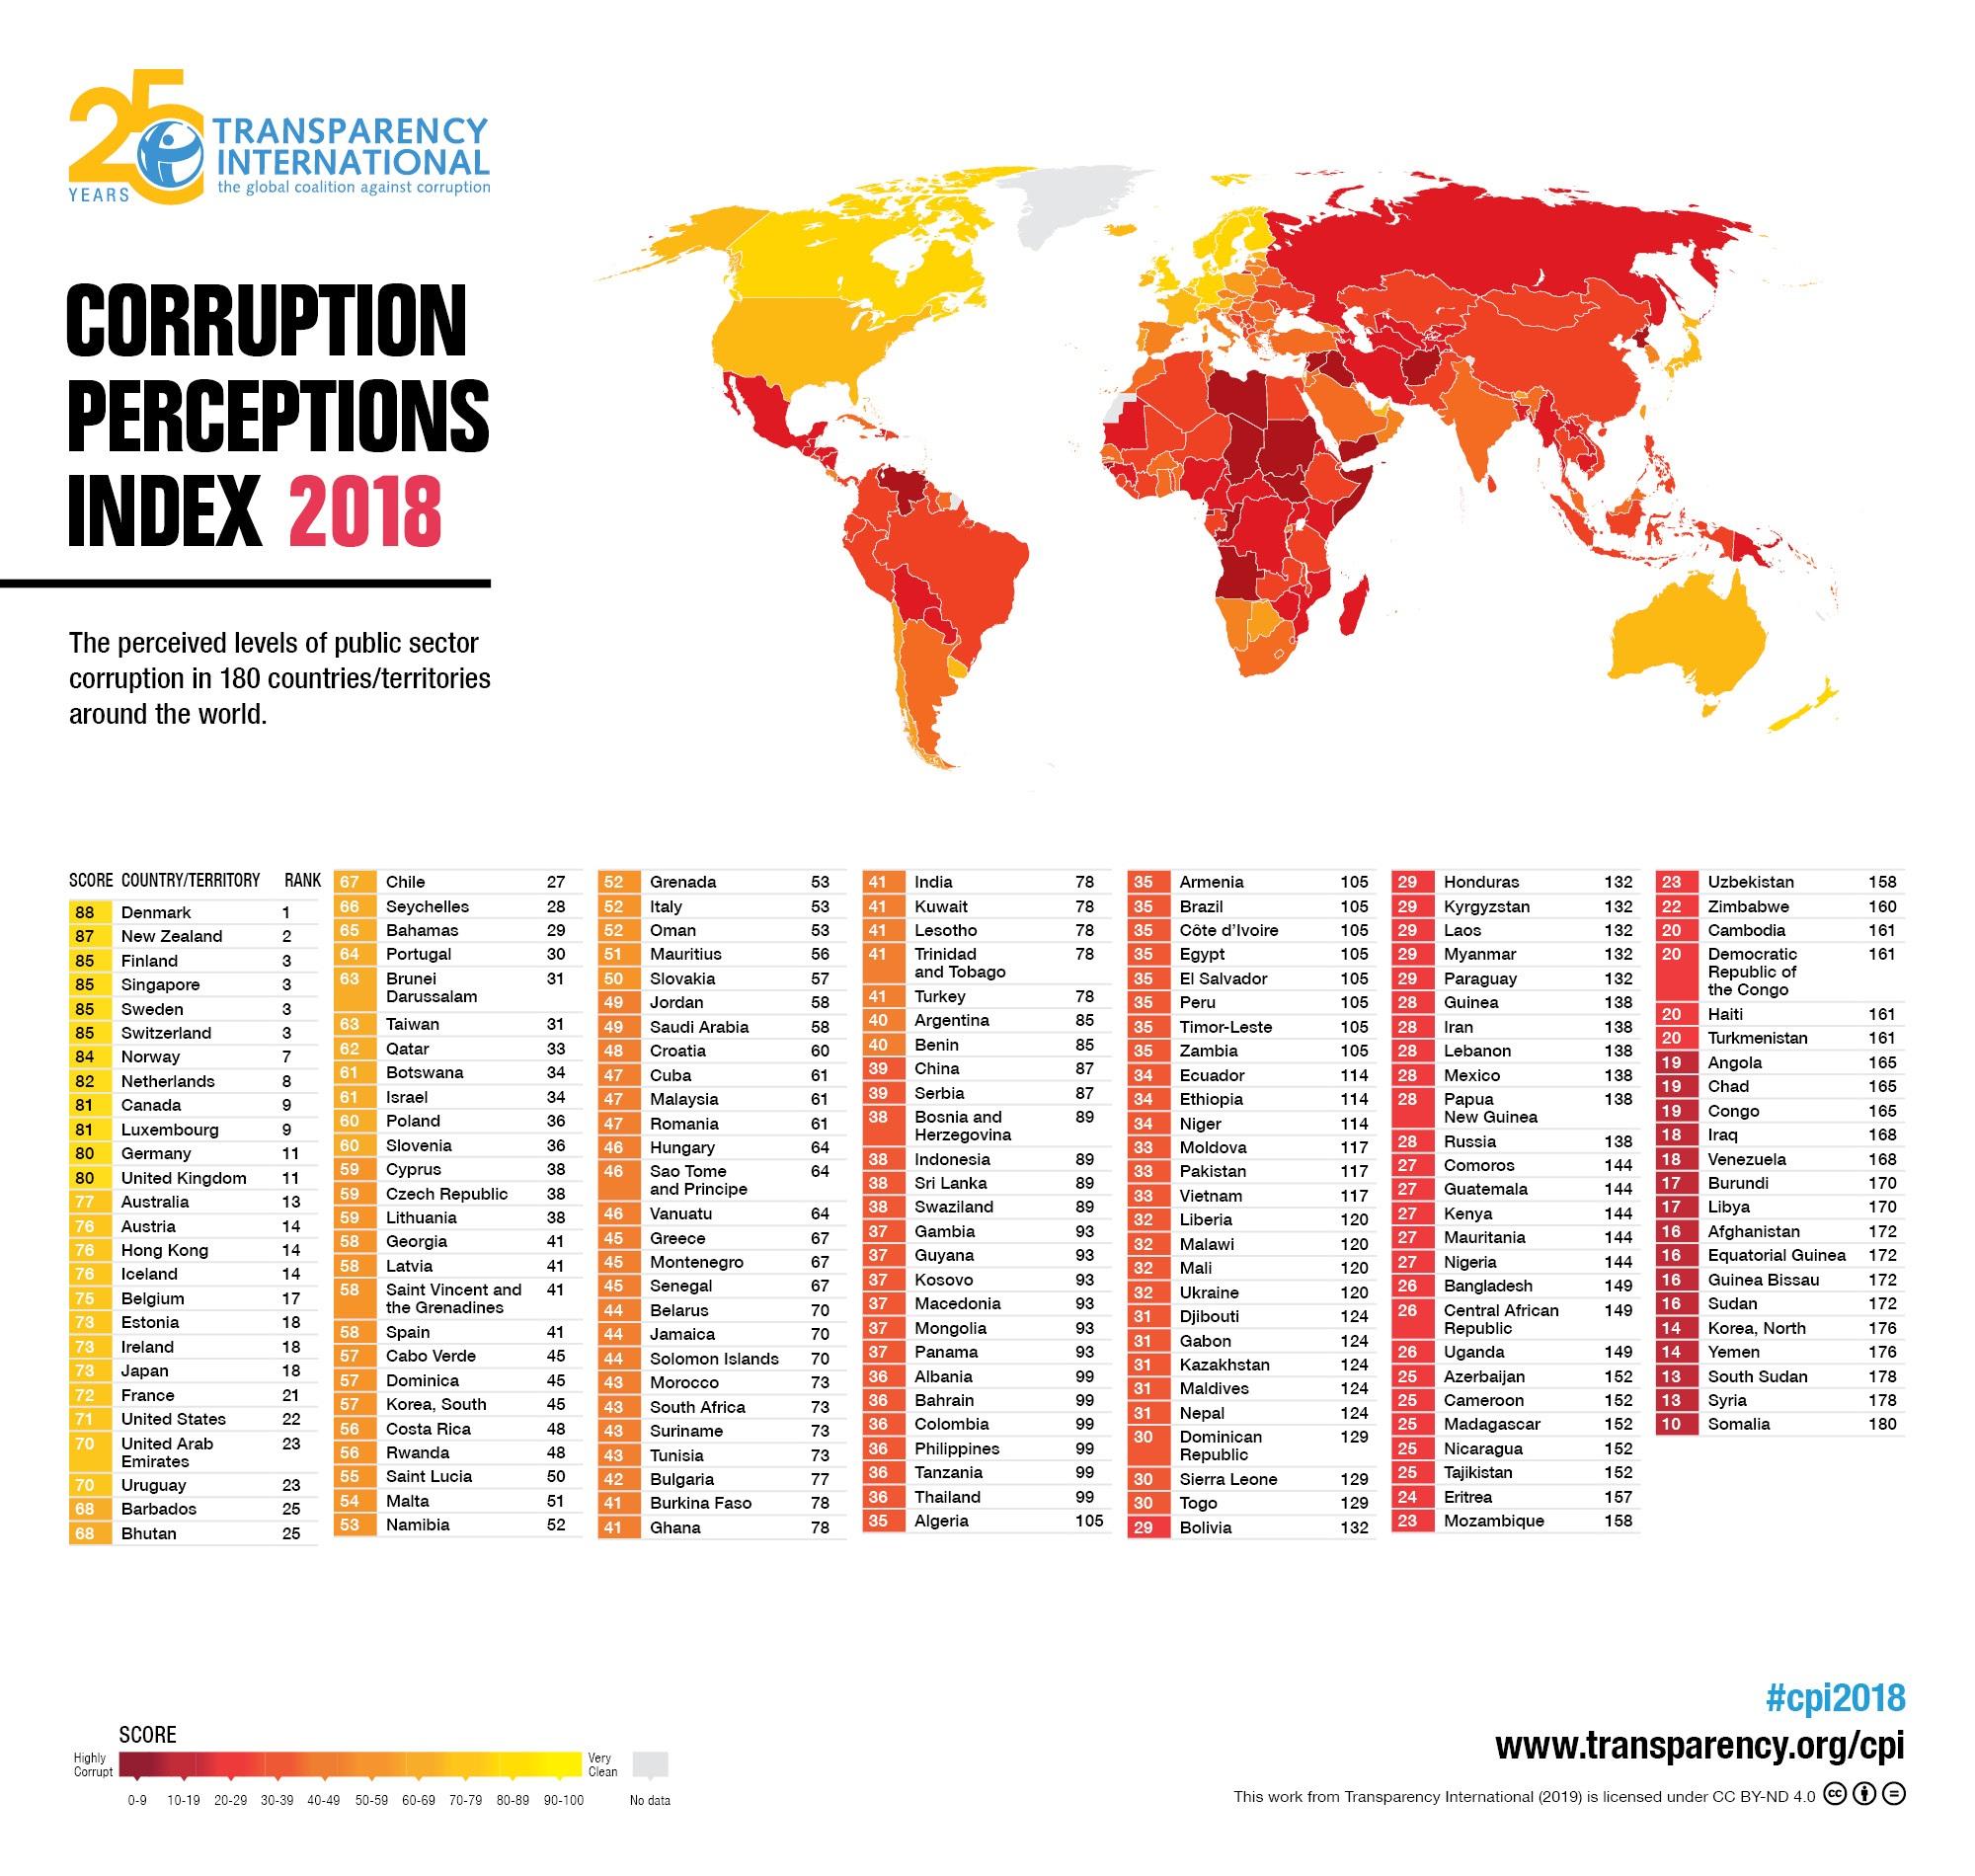 Honduras en el Índice de Percepción de la Corrupción 2018